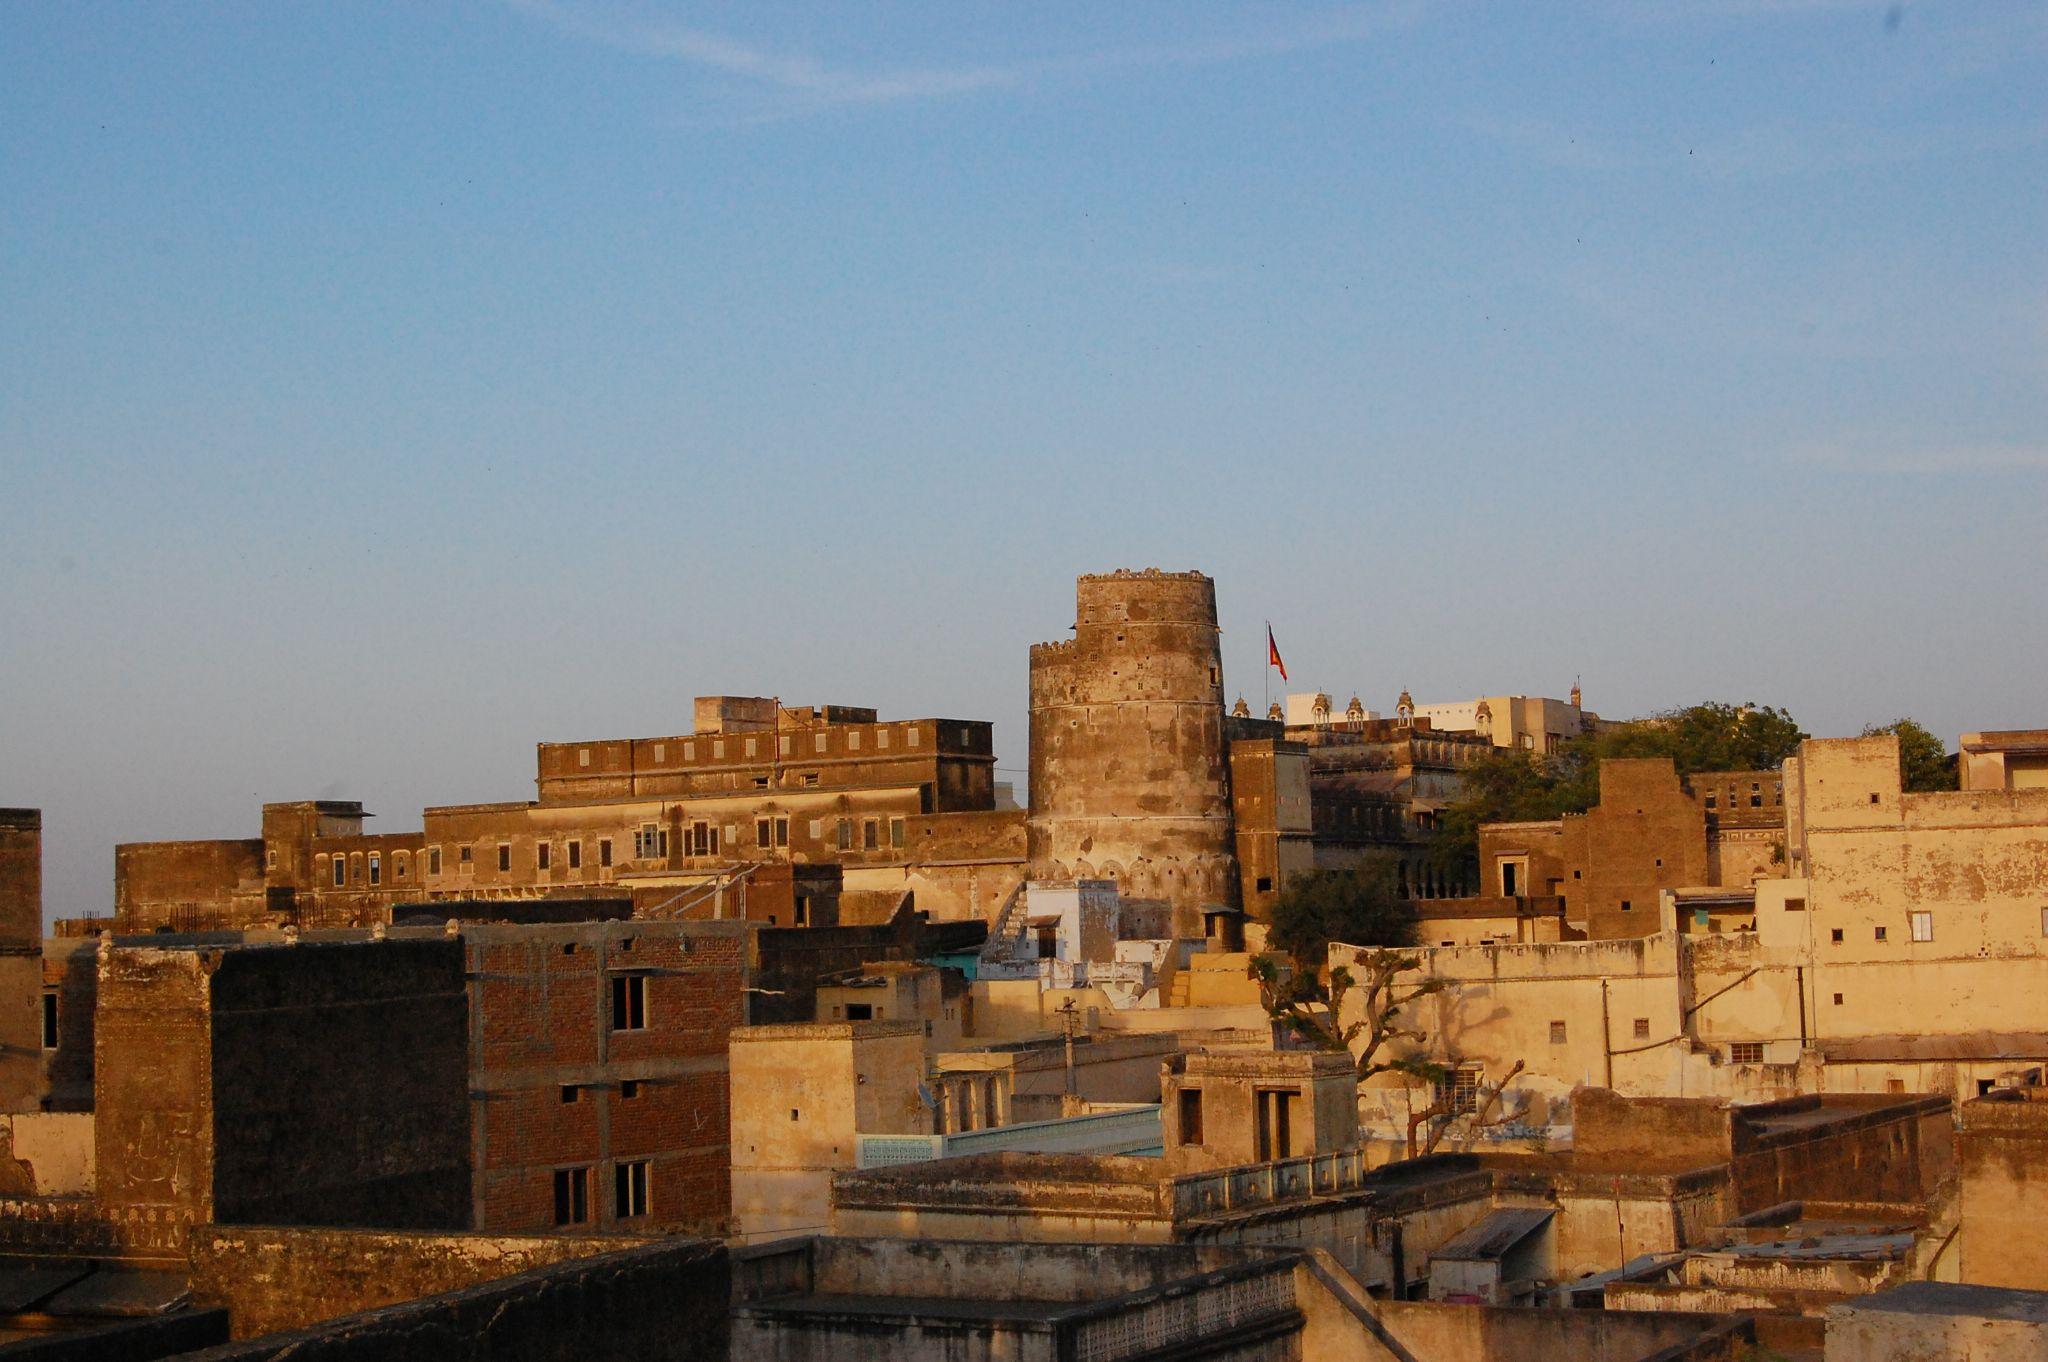 Rajasthan - Mandawa by ma.lange.5